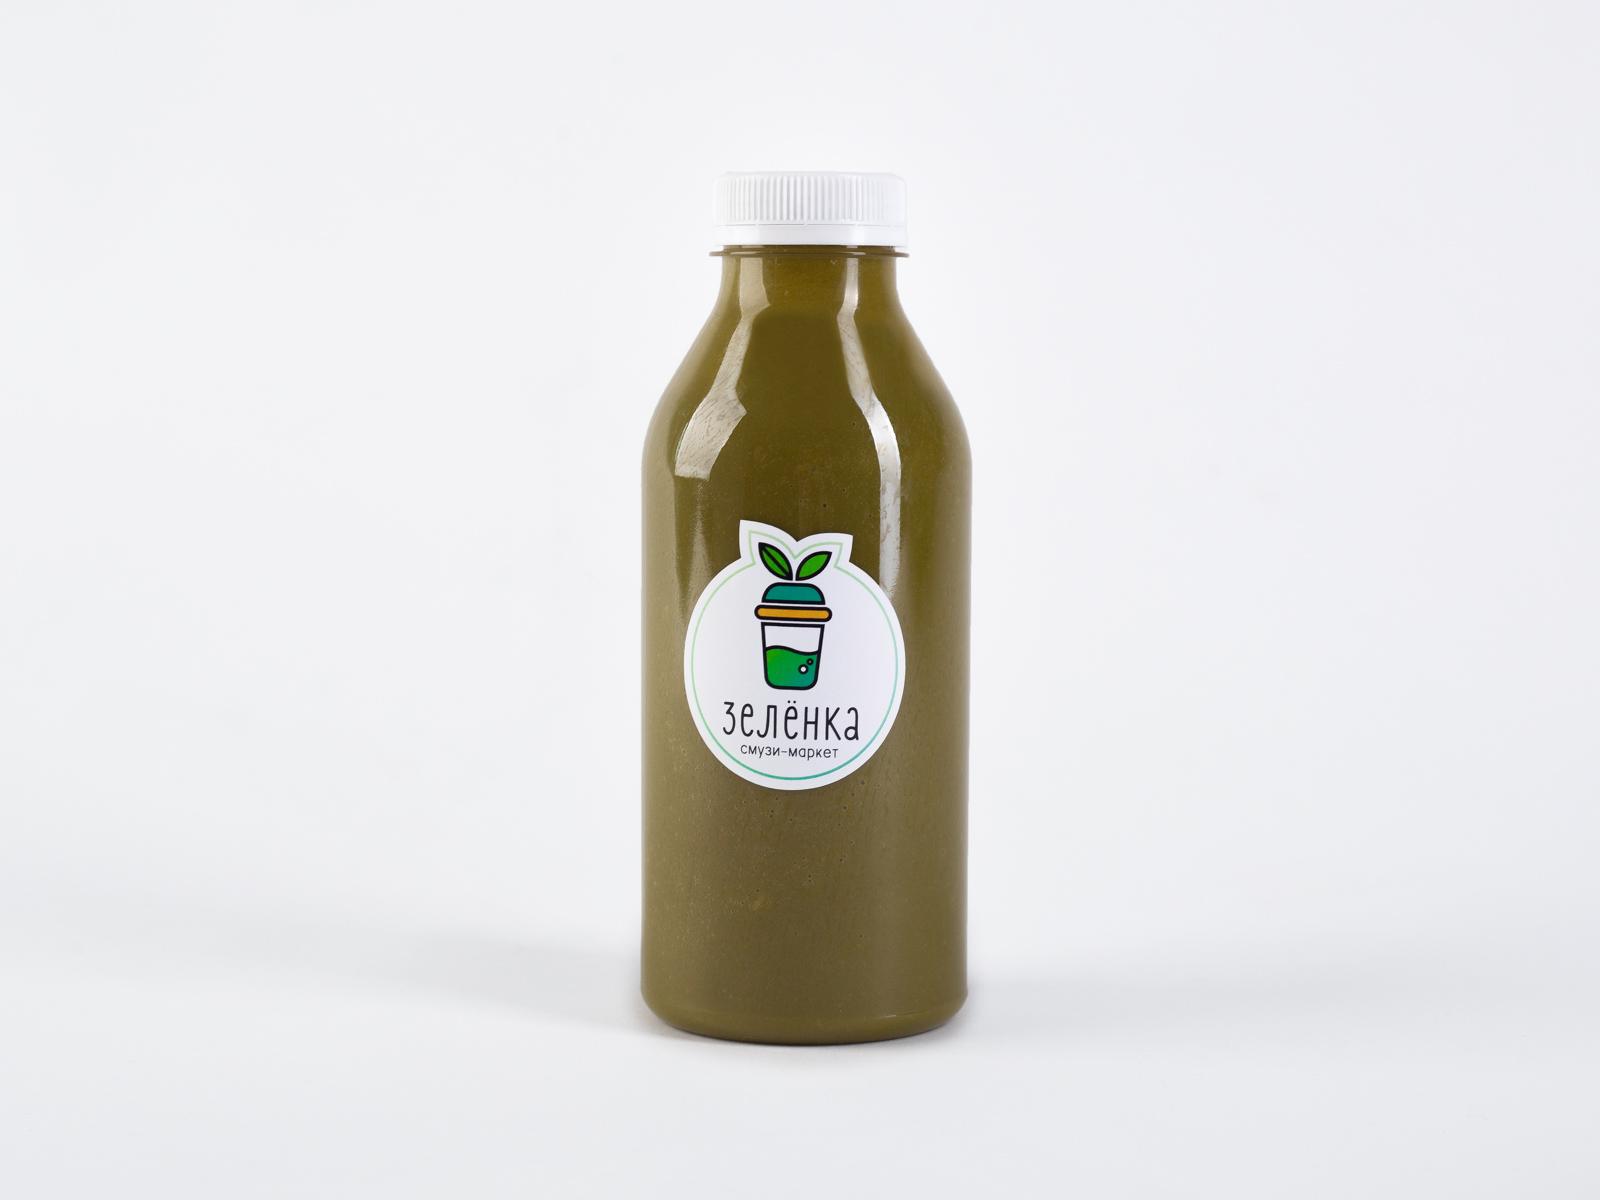 Свежевыжатый Зелёный сок